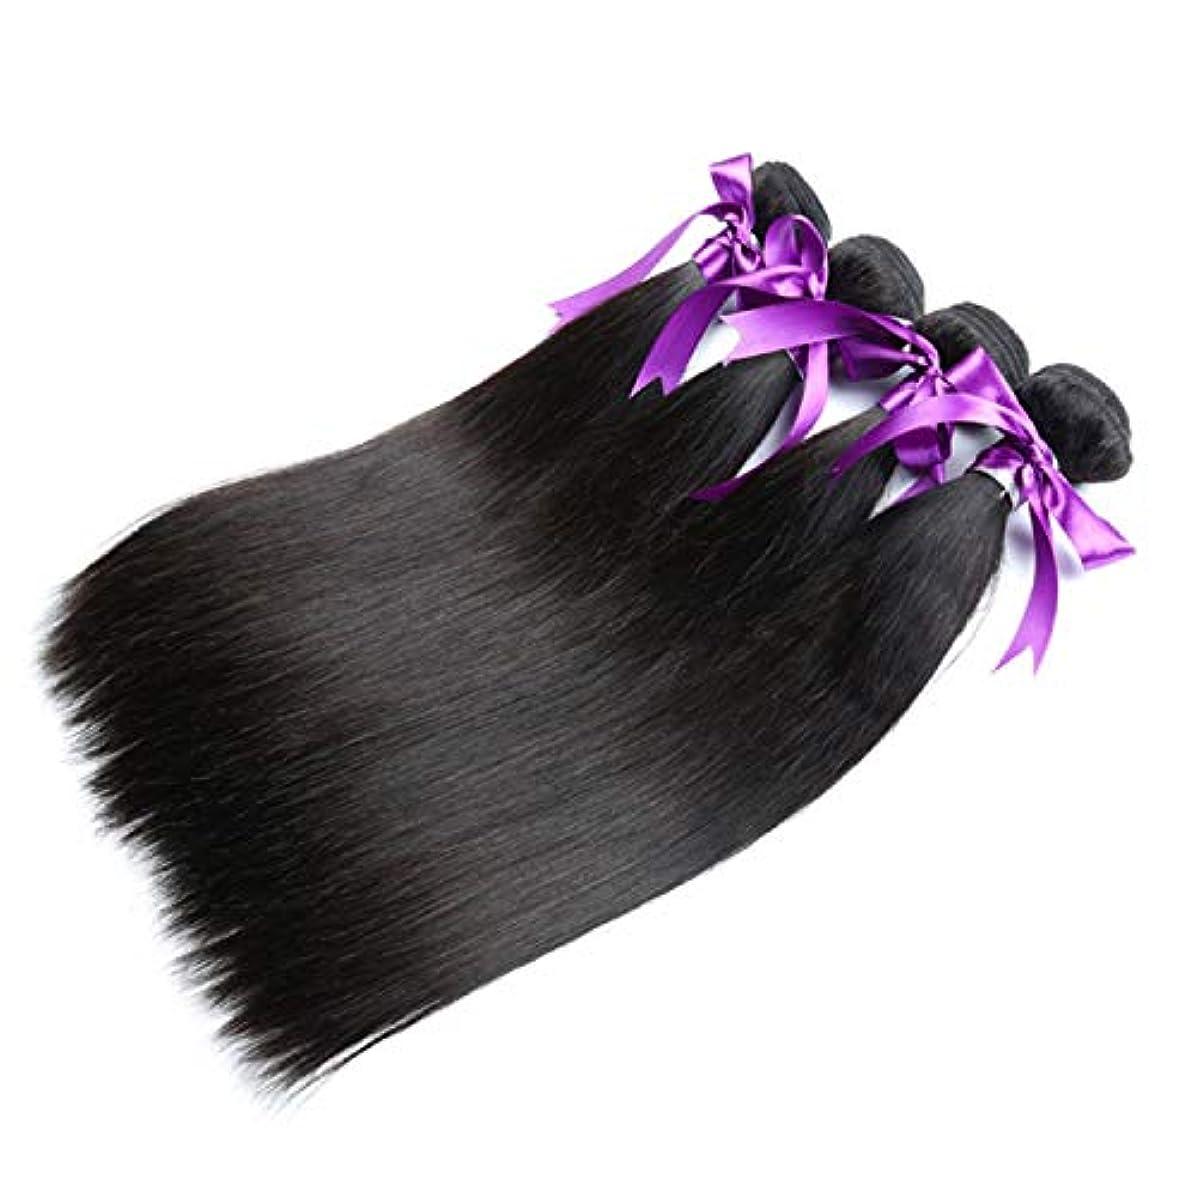 パラナ川カジュアルスイペルーのストレートヘア4本の人間の髪の毛の束非レミーの毛の延長ナチュラルブラック (Length : 8 8 10 10)